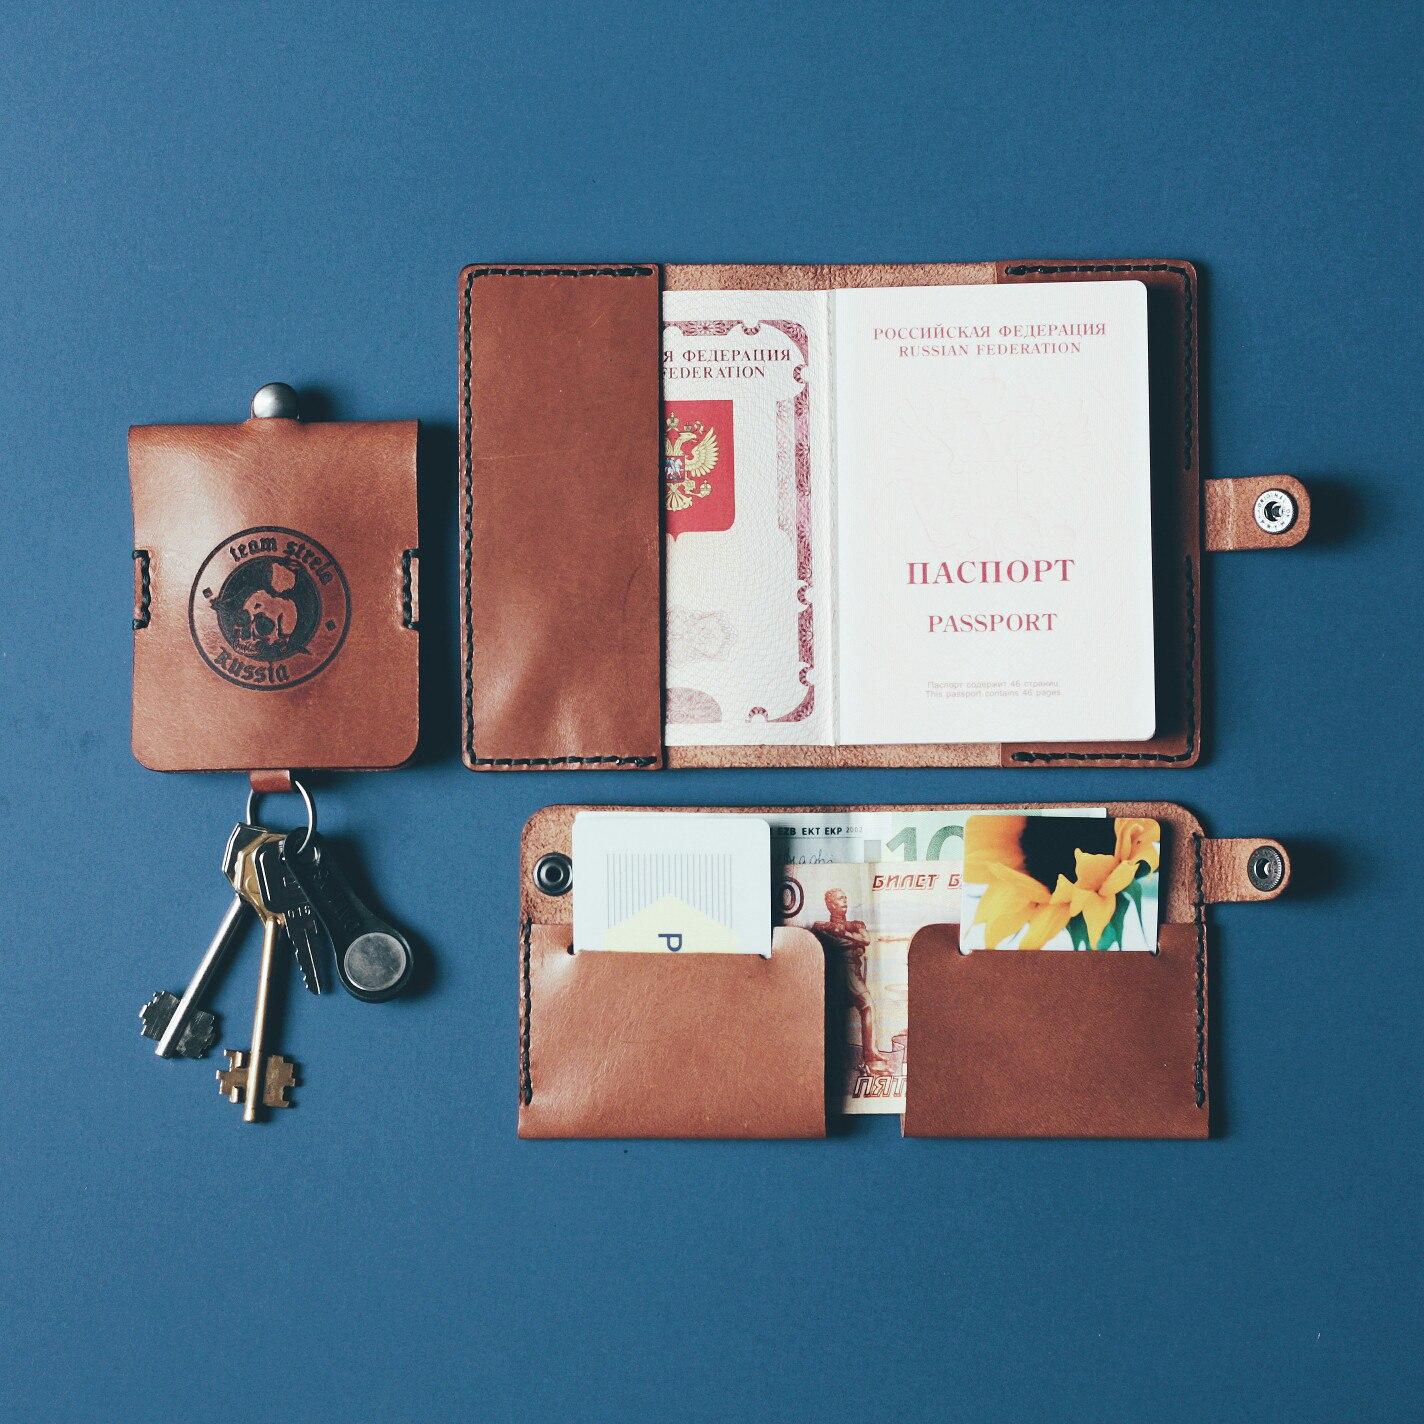 Обложка для Паспорта кошелек и ключница корпоративный заказ логотип Strela team Стрела ручная прошив